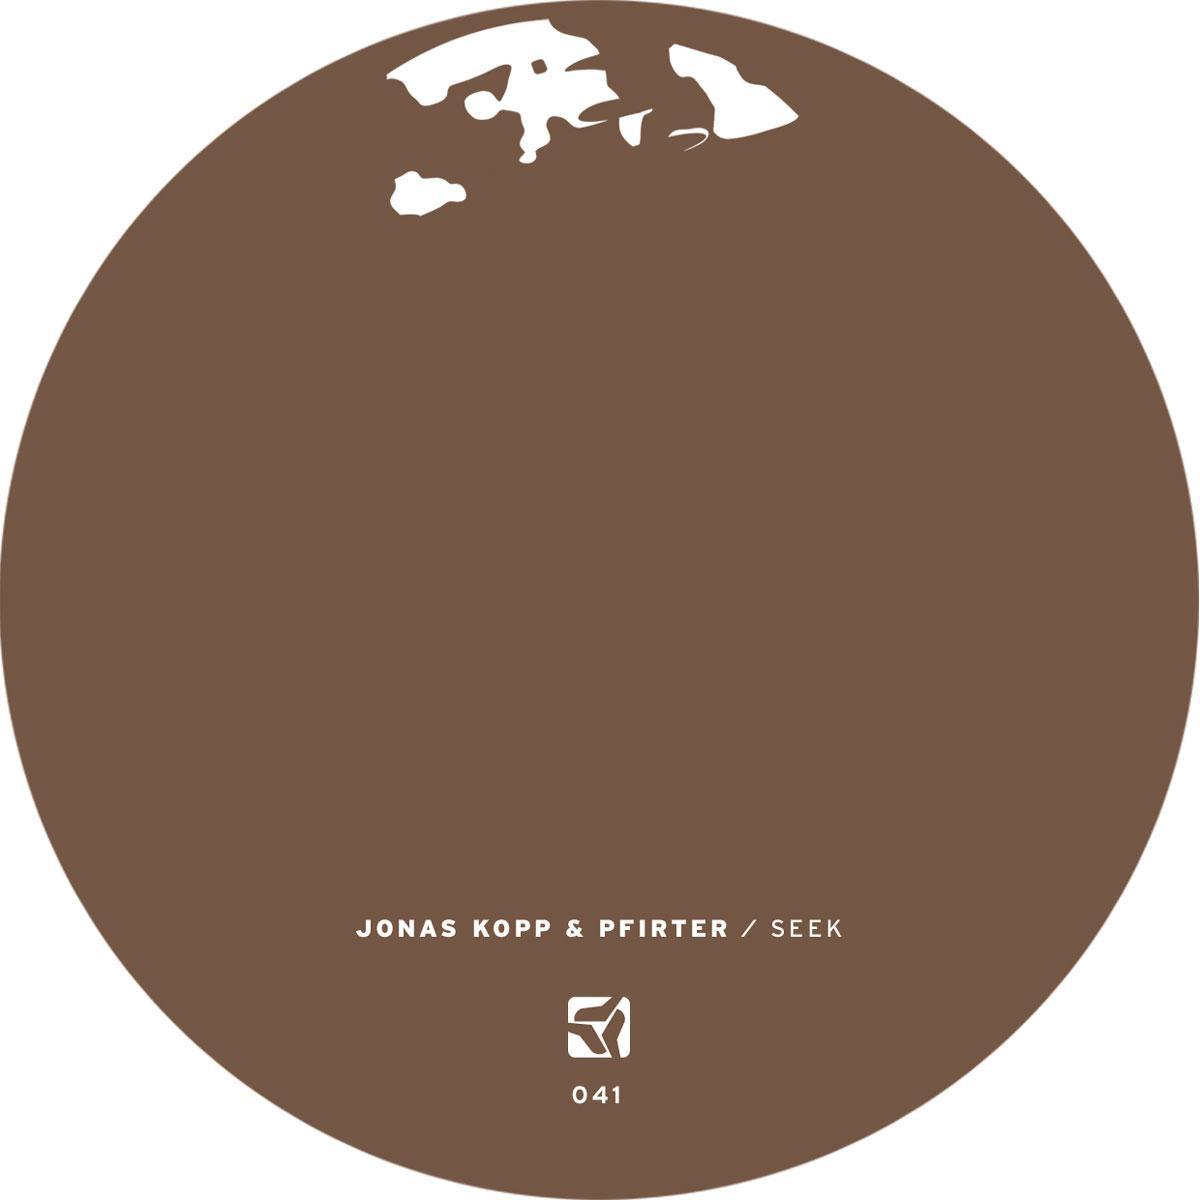 Jonas Kopp & Prfirter - Seek EP